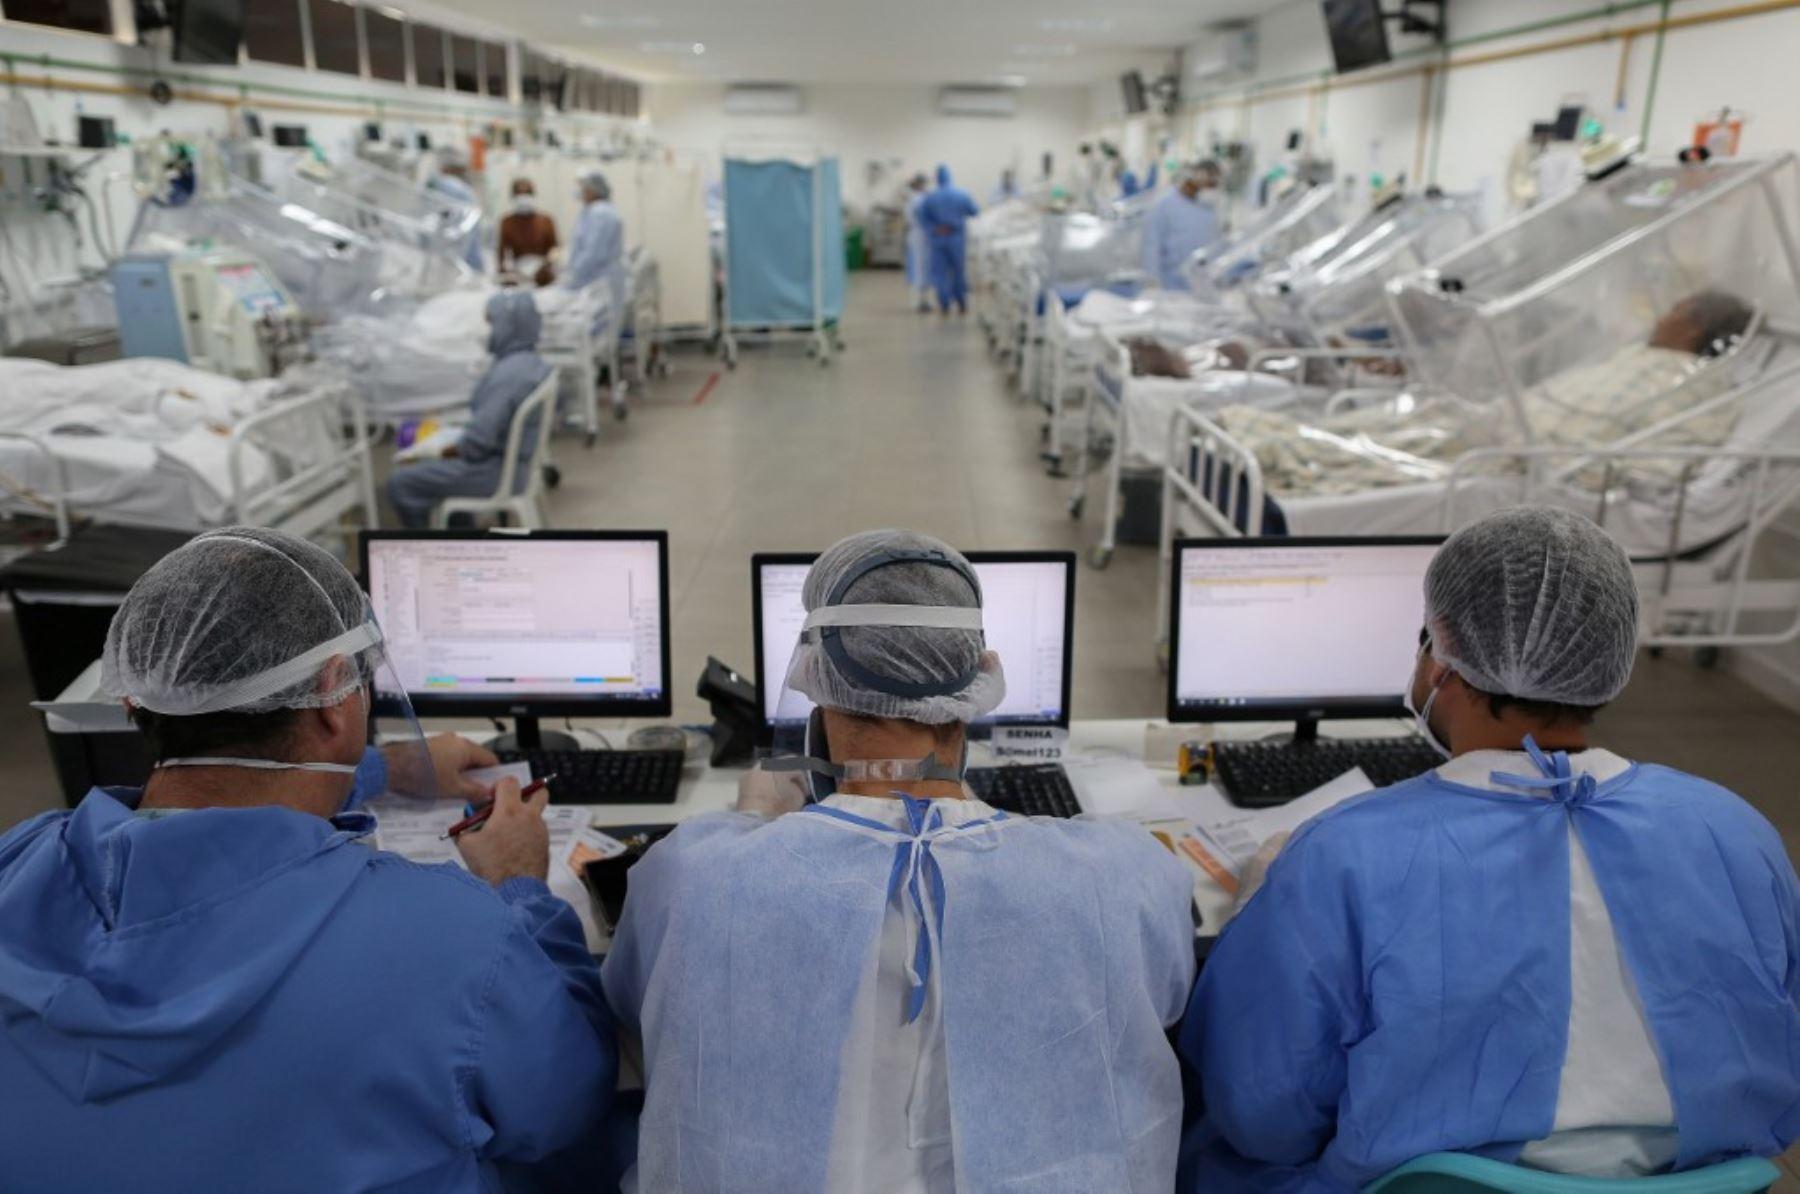 Un paciente infectado por el nuevo coronavirus covid-19 permanece conectado a un respirador artificial en la Unidad de Cuidados Intensivos del hospital Carlos Andrade Marín del IESS en Quito.Foto:AFP